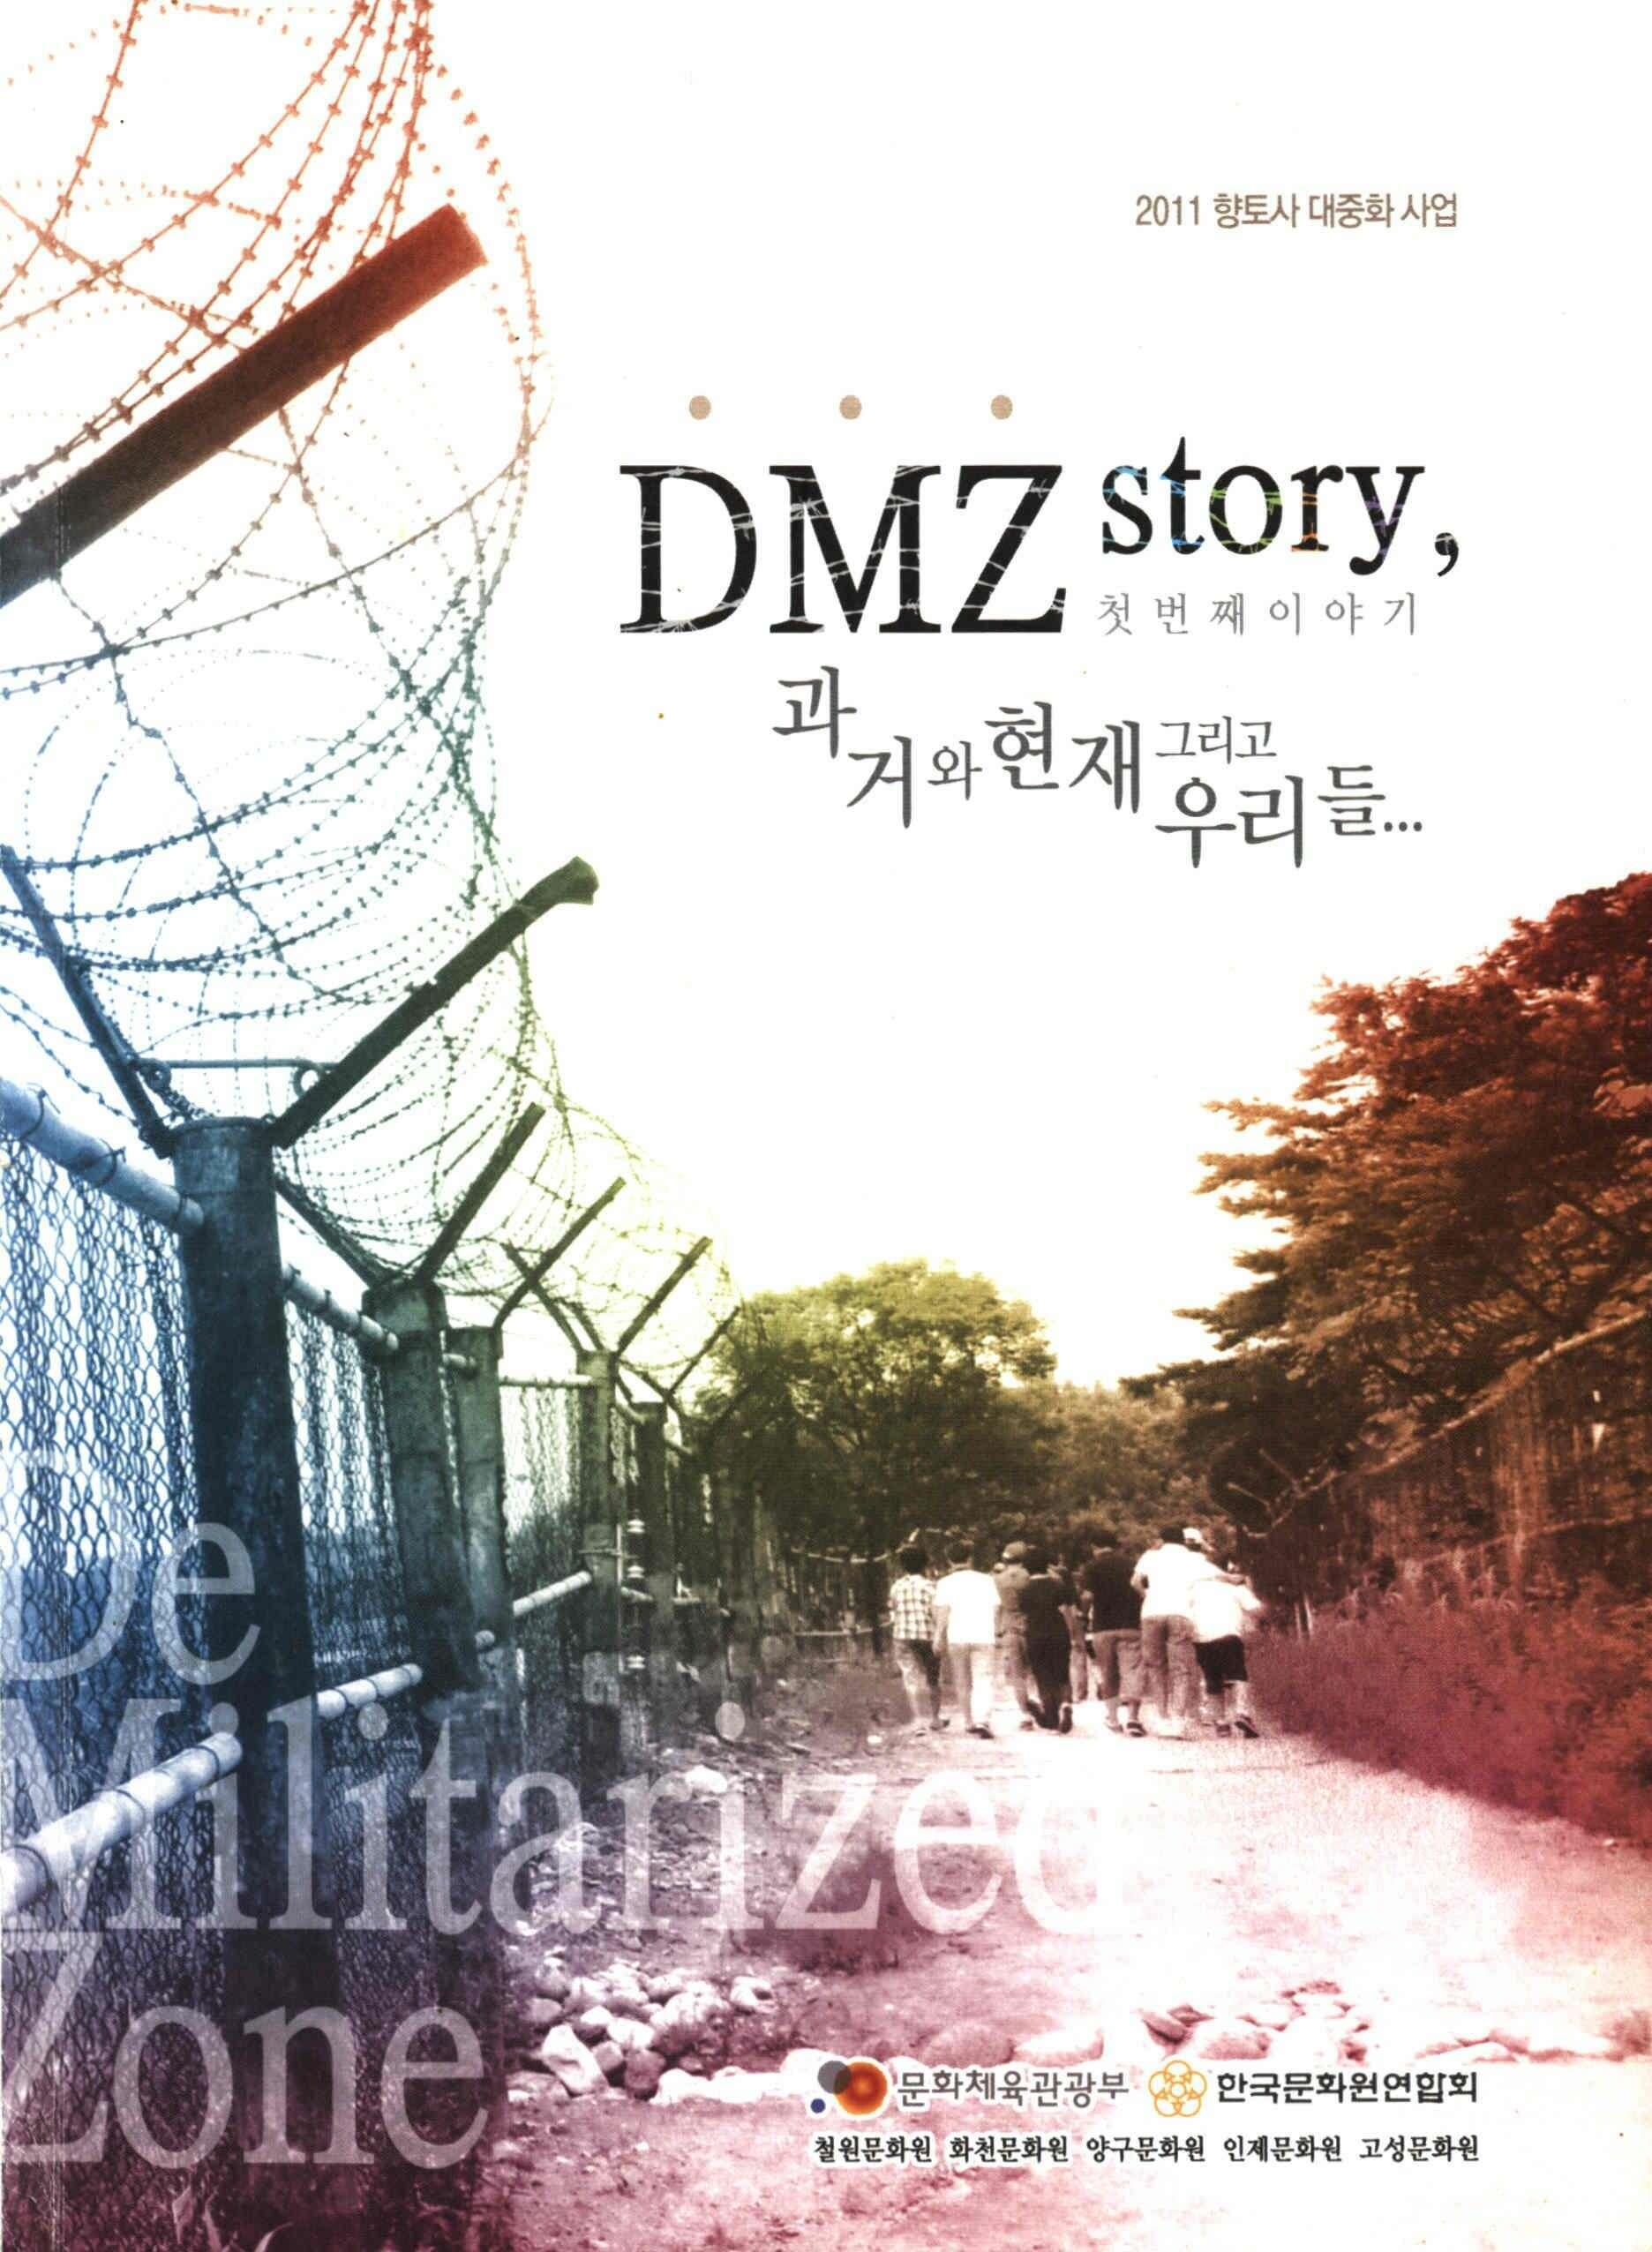 DMZ story, 첫번째이야기 과거와현재 그리고 우리들…